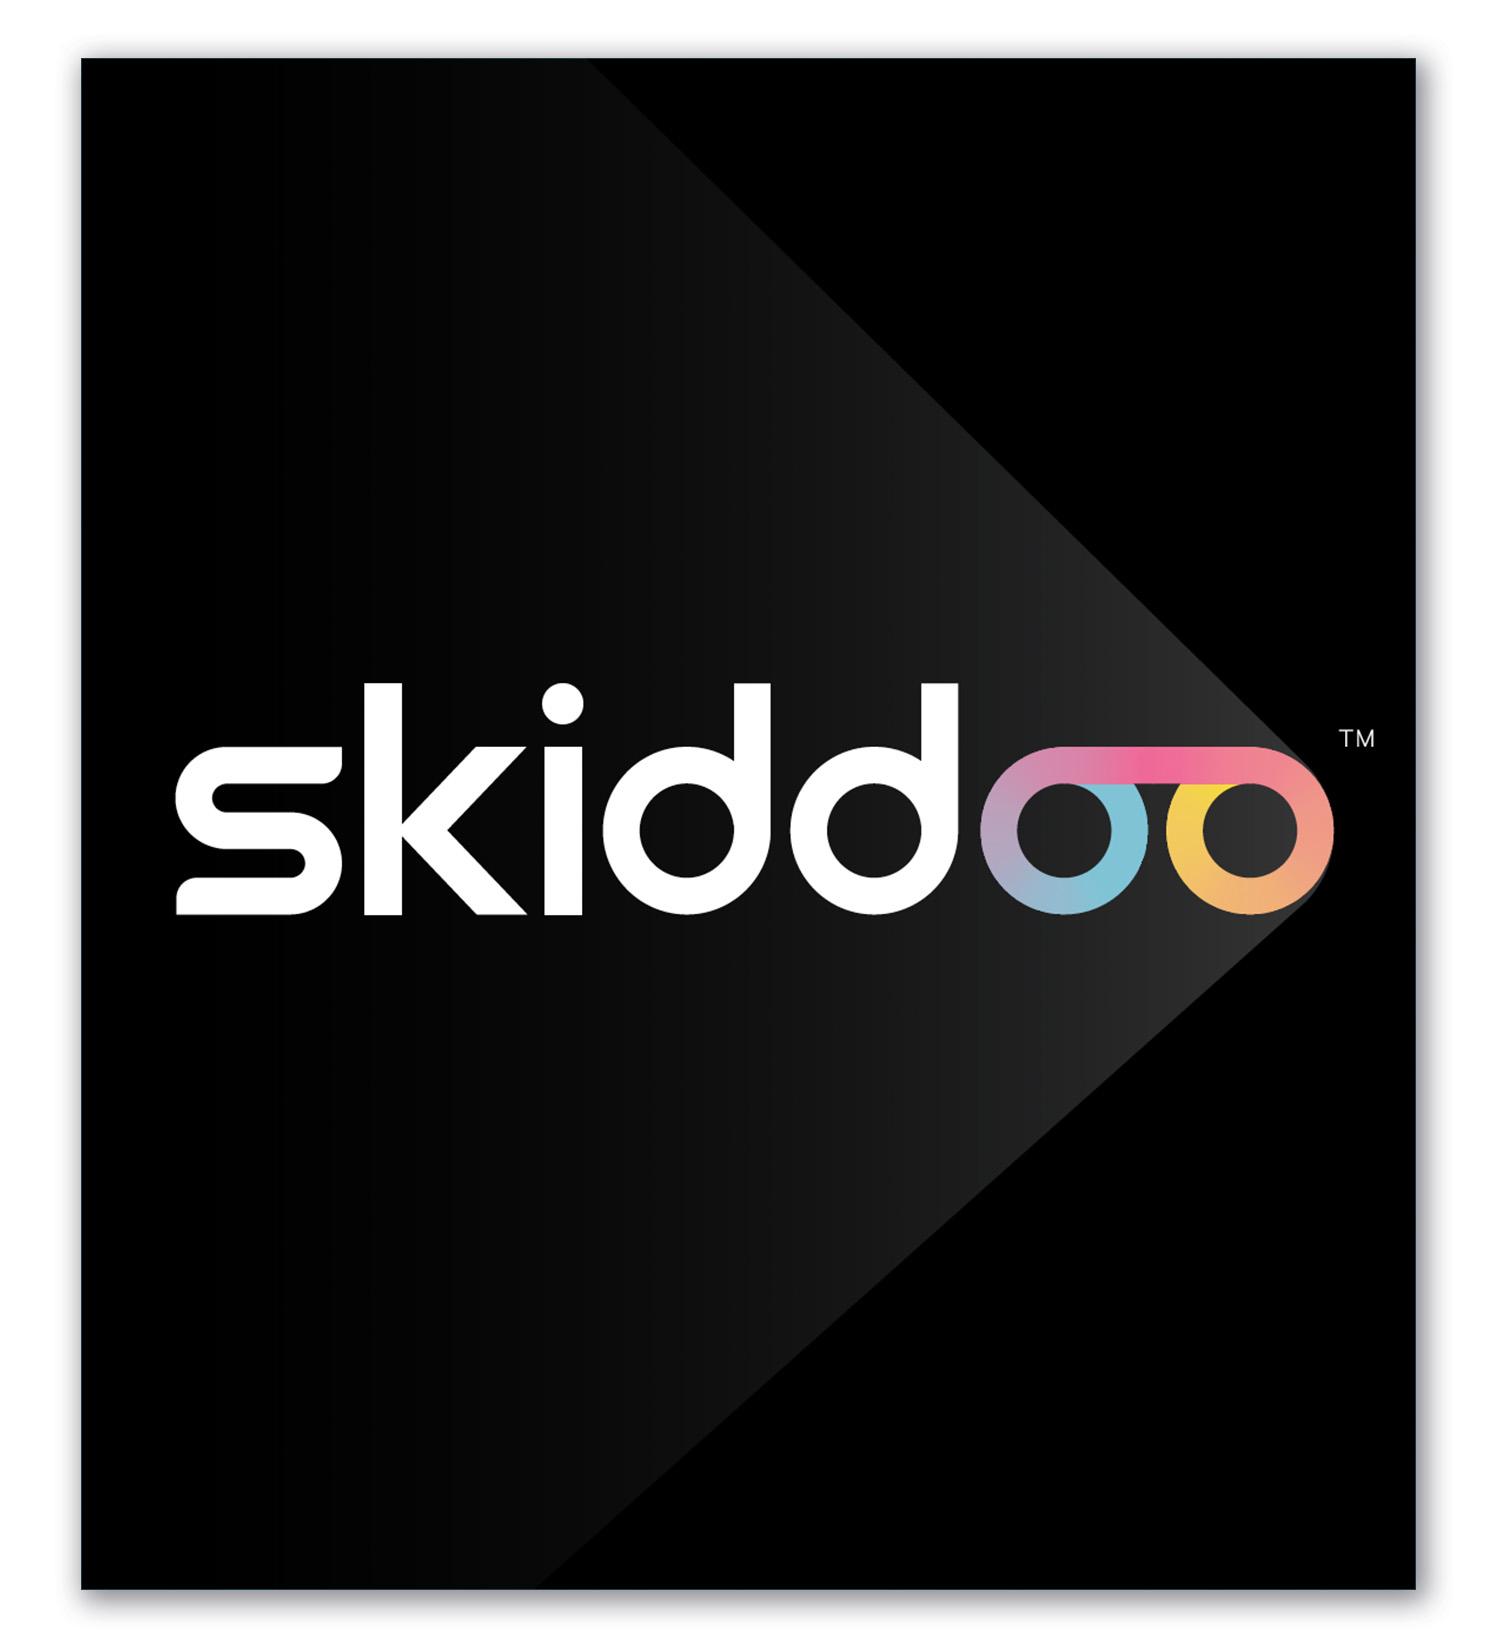 Skiddoo-Logo-Image